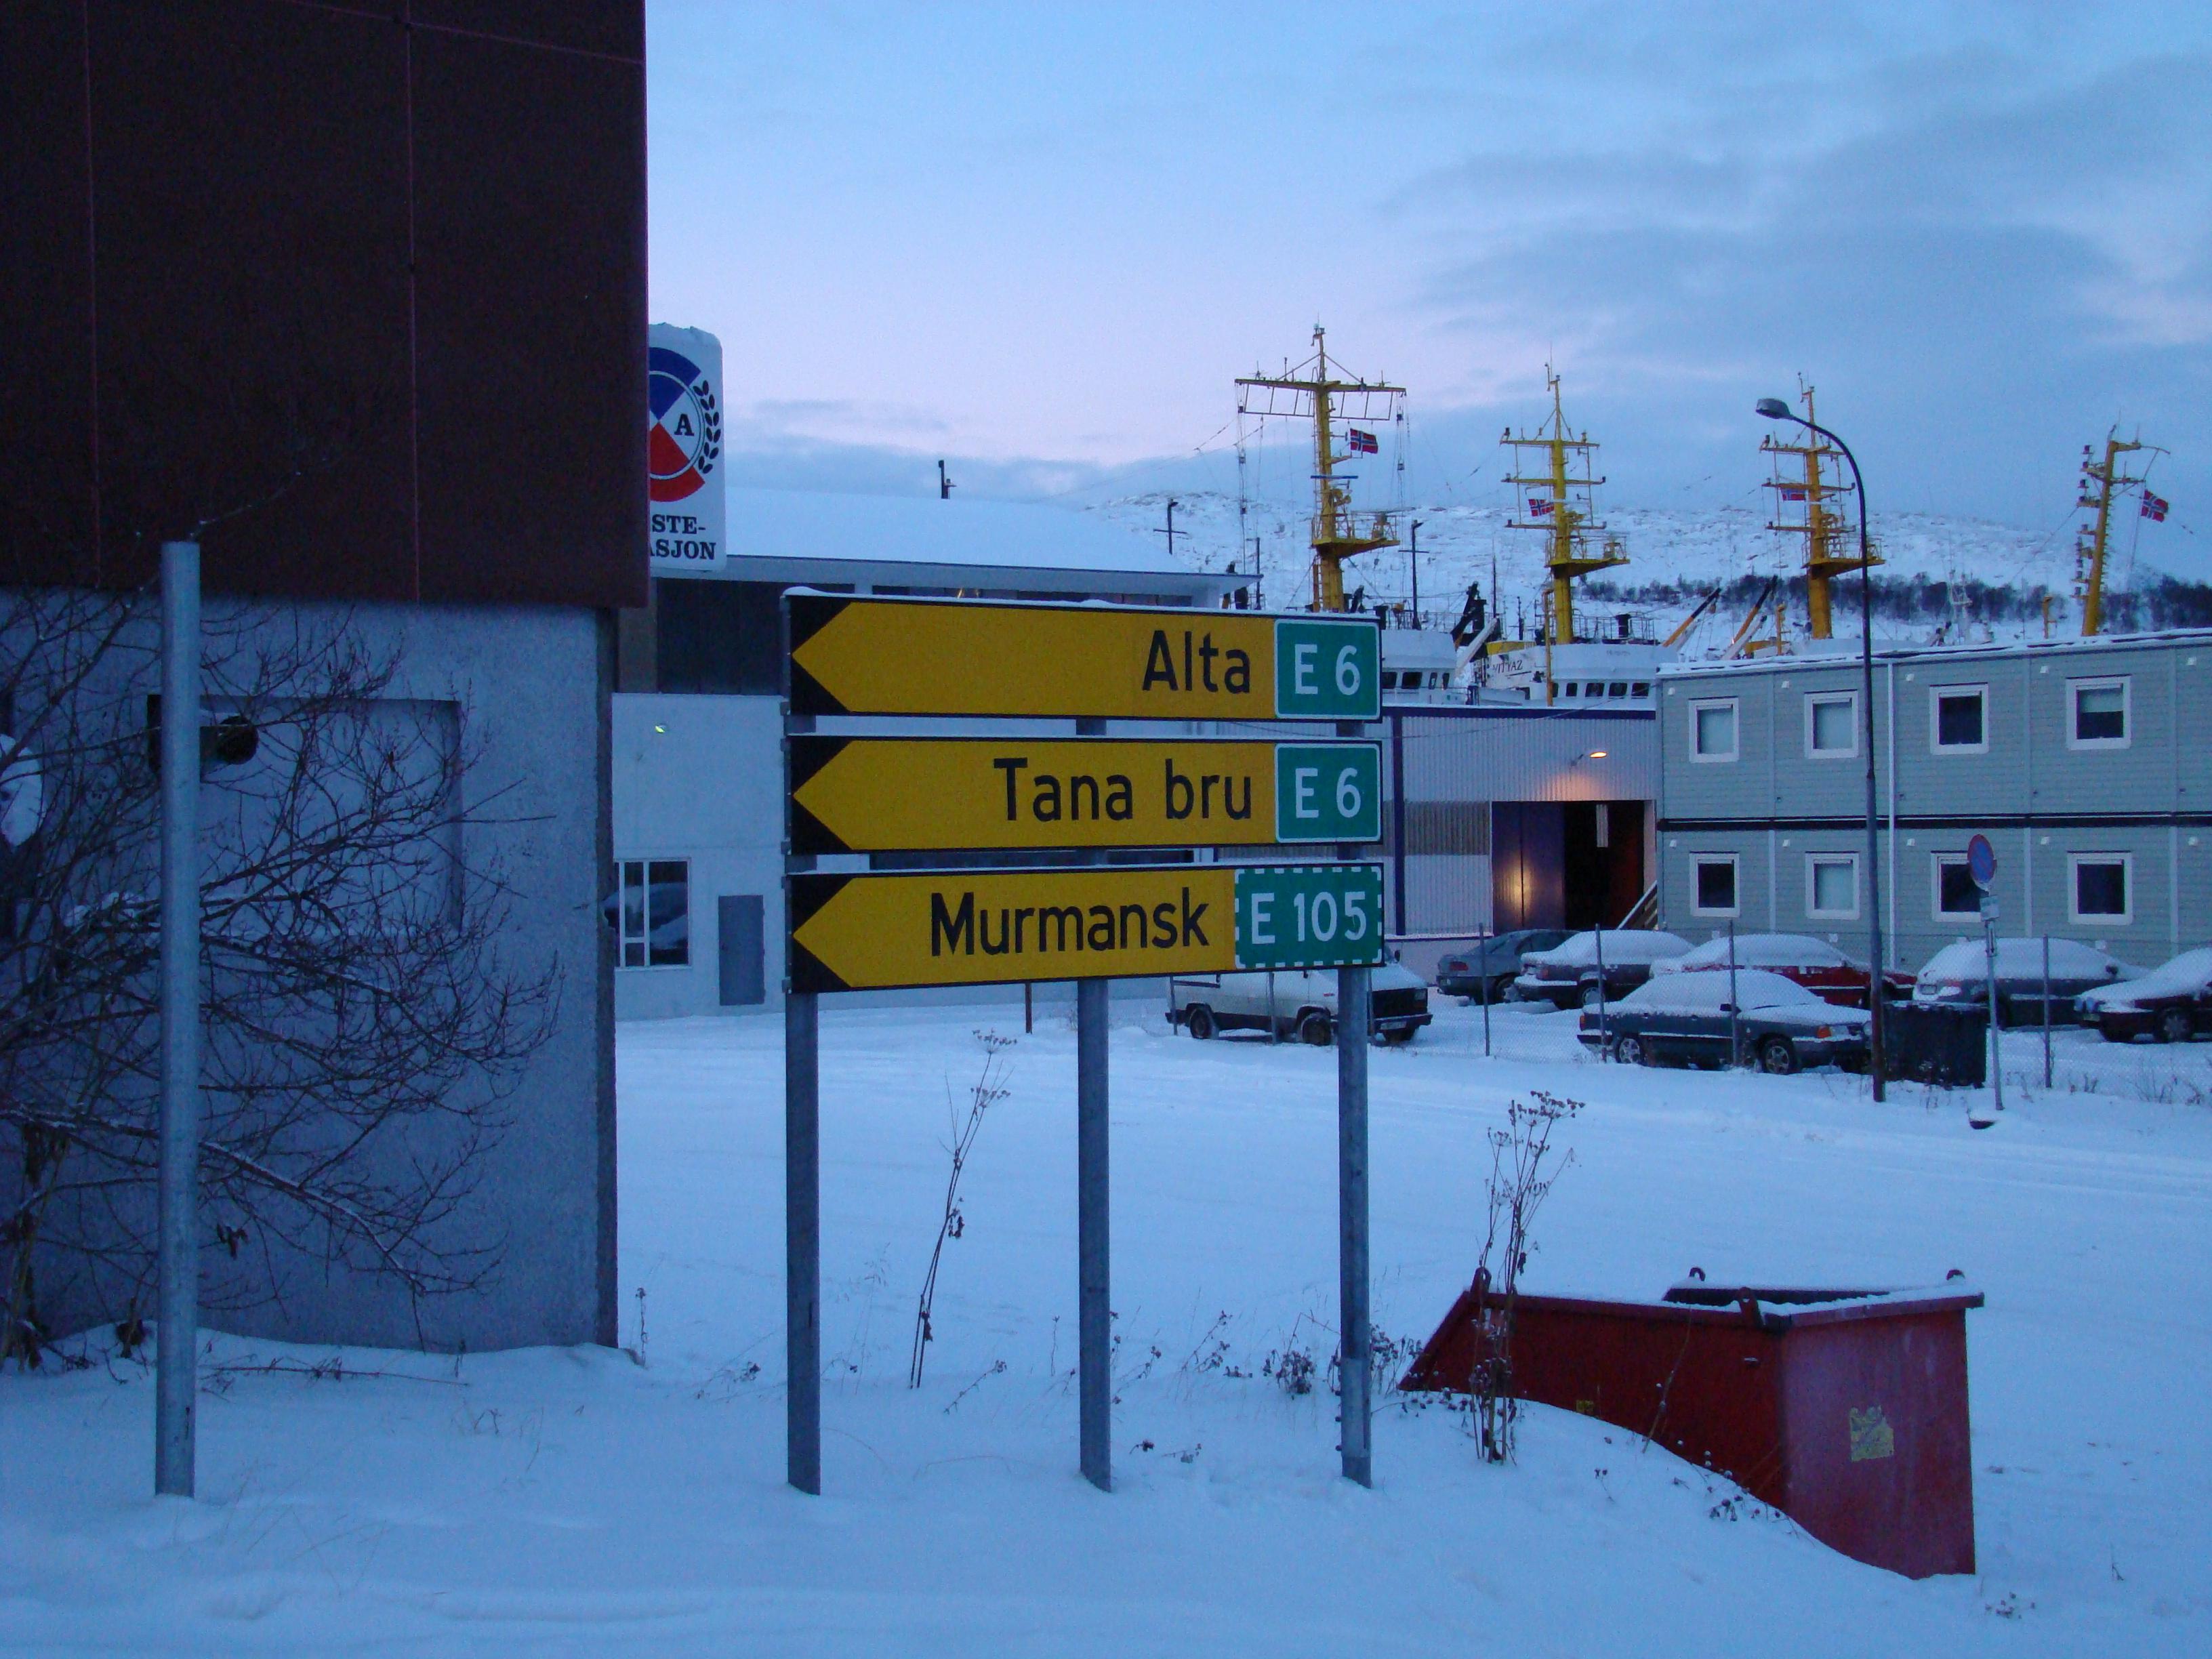 Straßenschild in Kirkness. Ganz im Norden Europas kommen sich Russland und Norwegen sehr nah. Die Beziehungen zwischen den Einwohnern beider Länder sind eng. @BPN